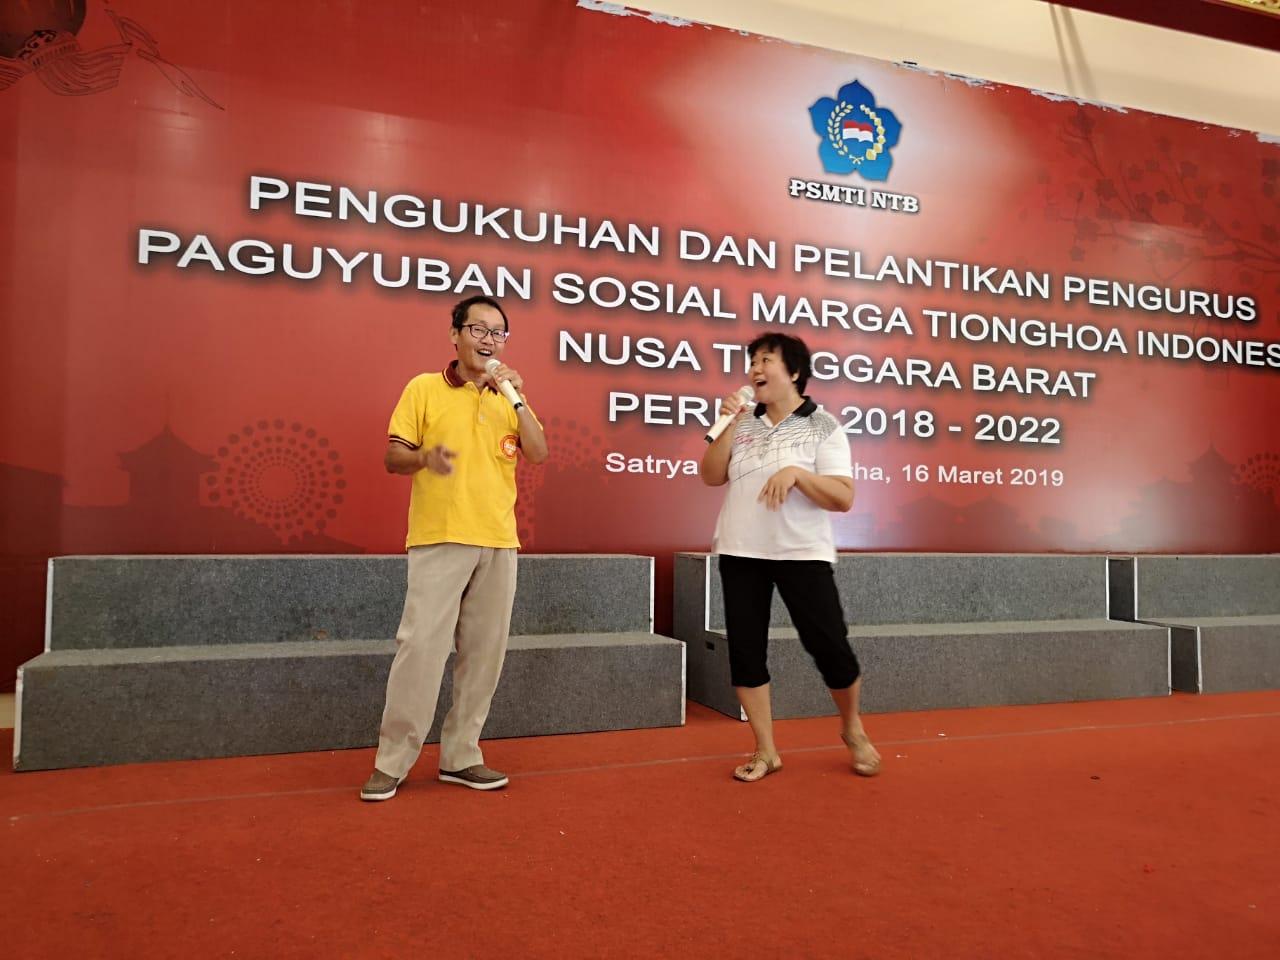 IMG 20190527 WA0012